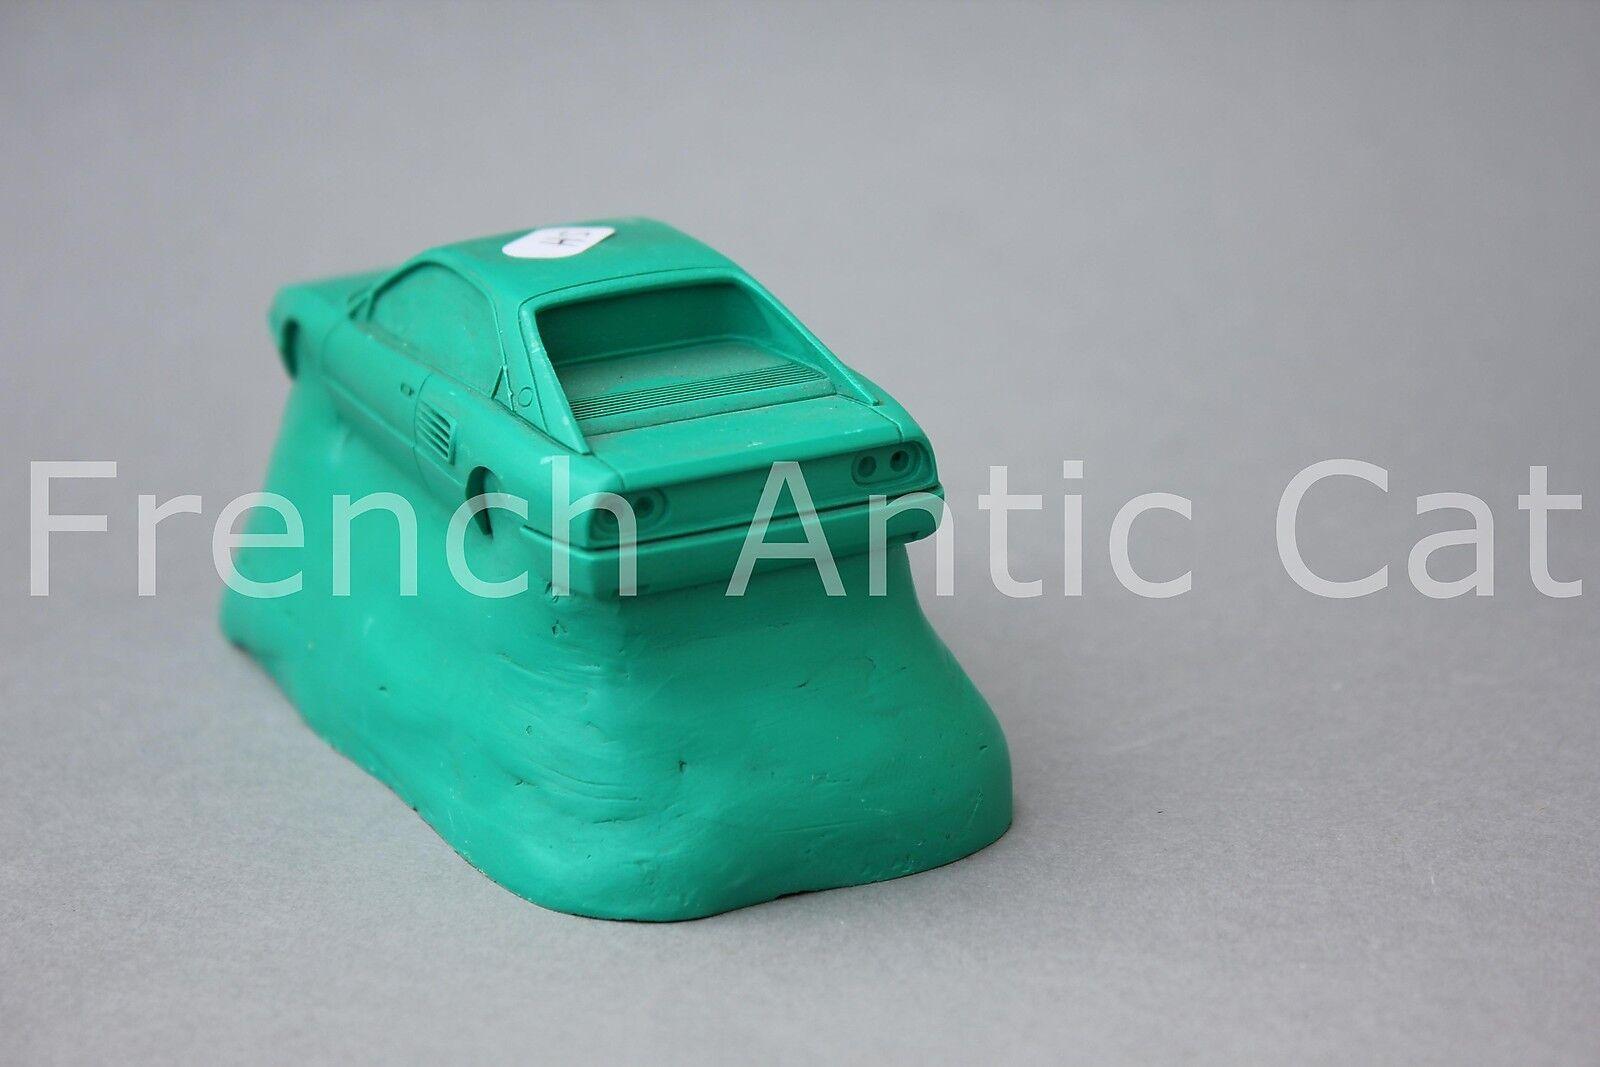 Rare Die Mold Resin Ferrari World 1 1 1 43 Heco Models Car Sh 5d23c4